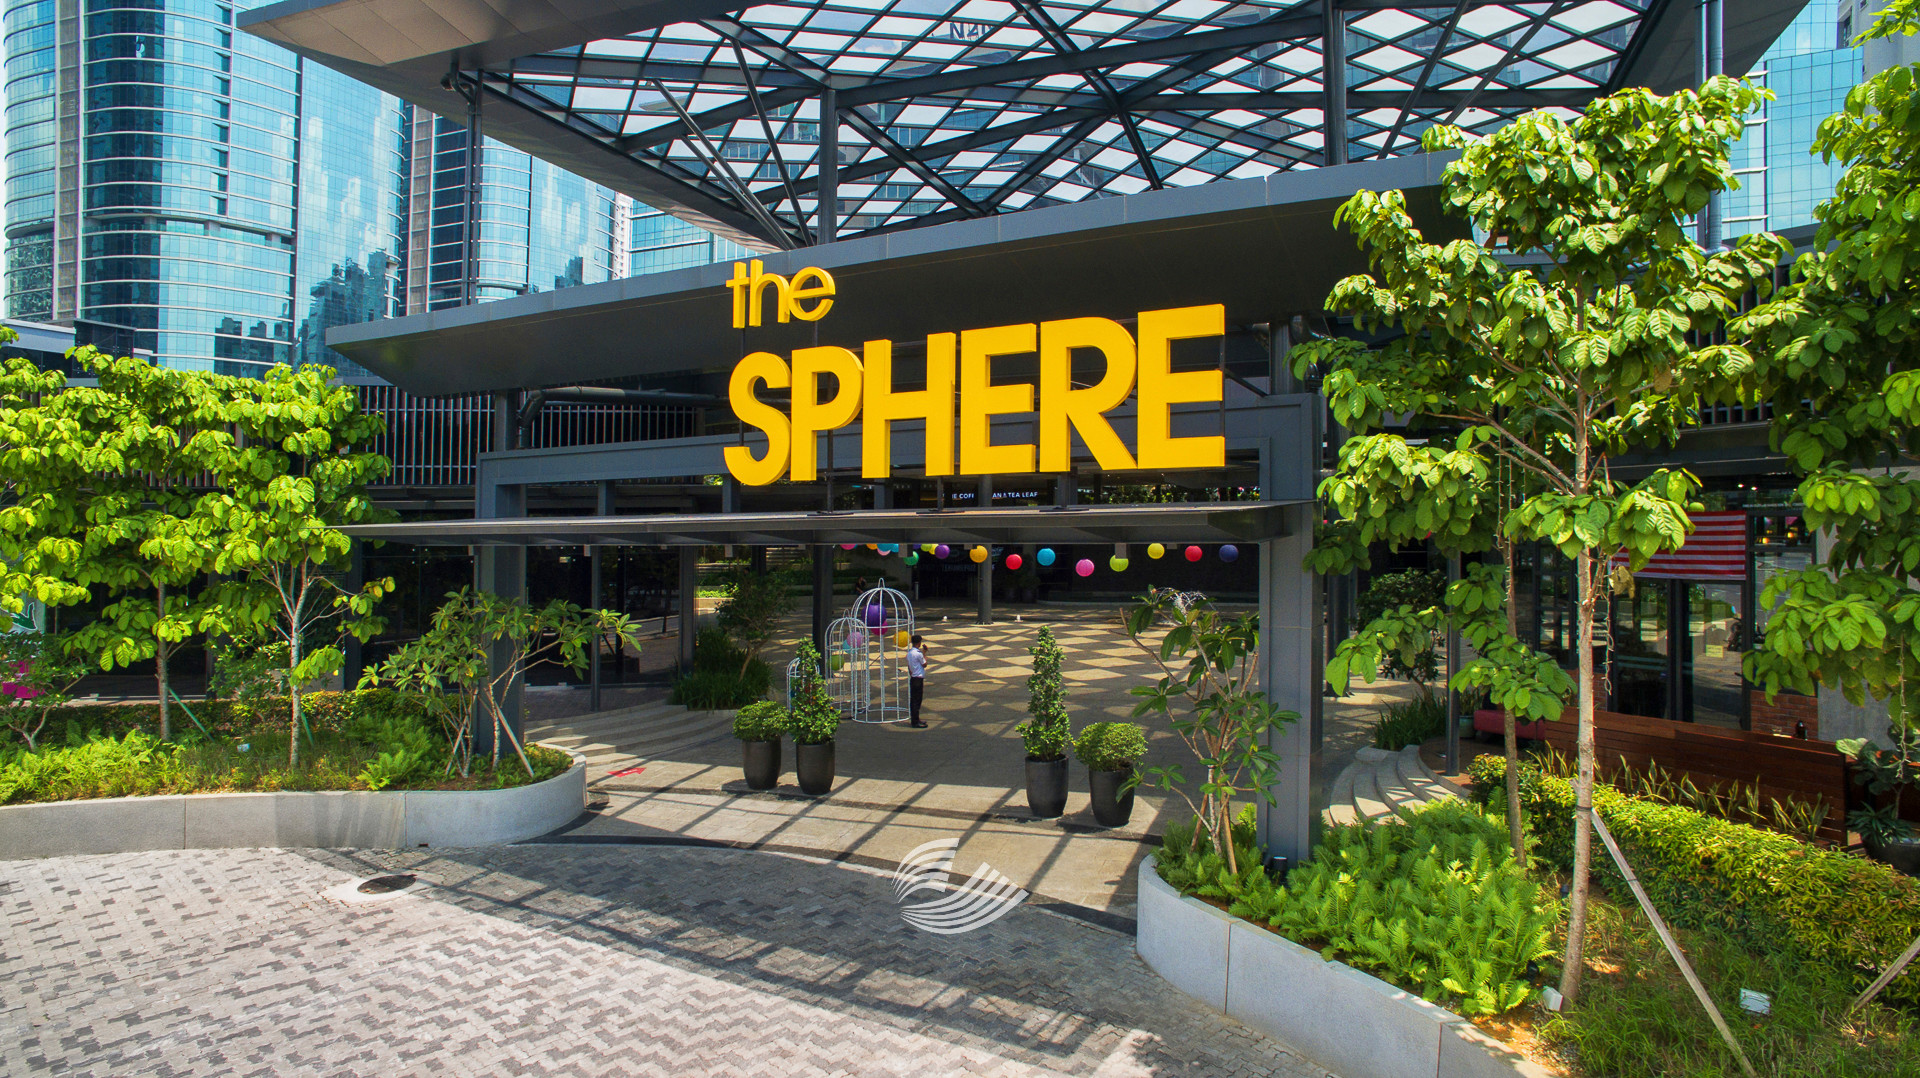 The Sphere-DJI_0116a V2 FA.jpg